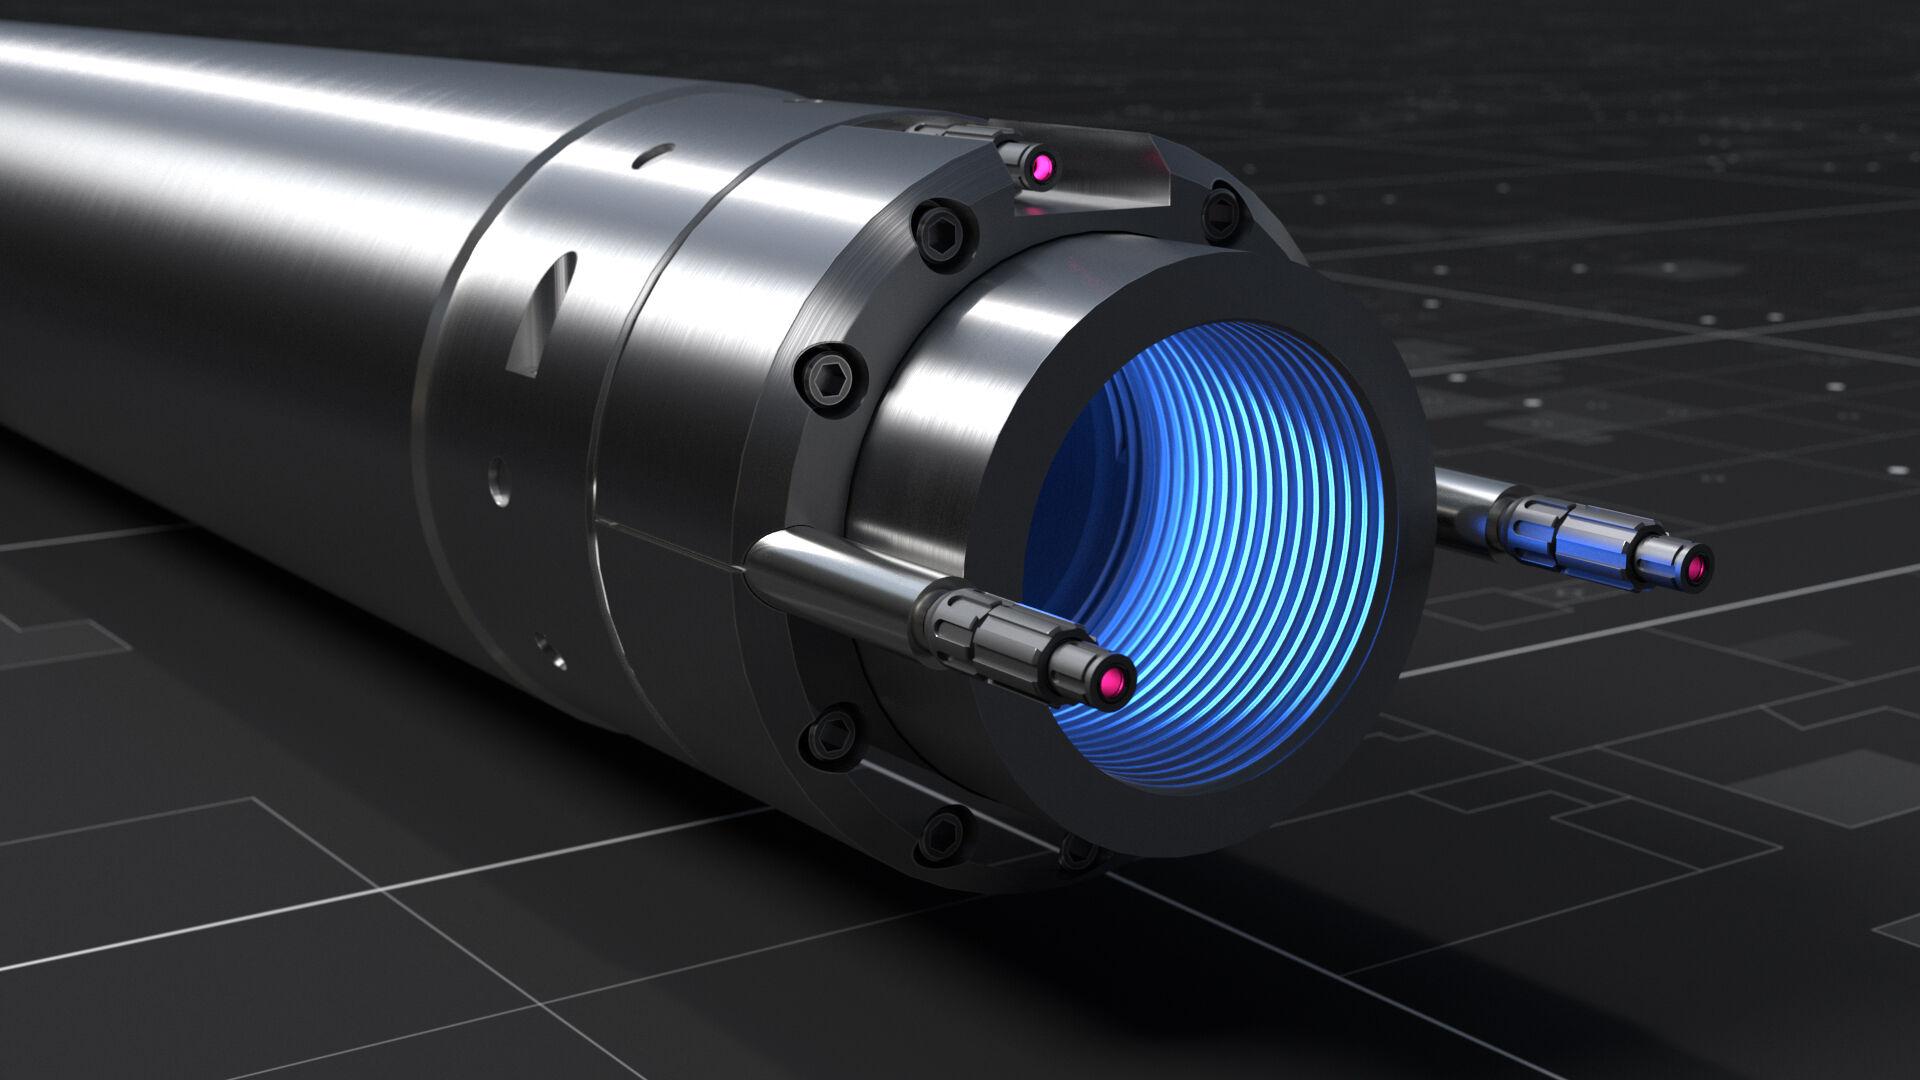 EcoStar电动油管可回收安全阀-通过行业首个水下电动安全阀降低深水资本支出和运营成本